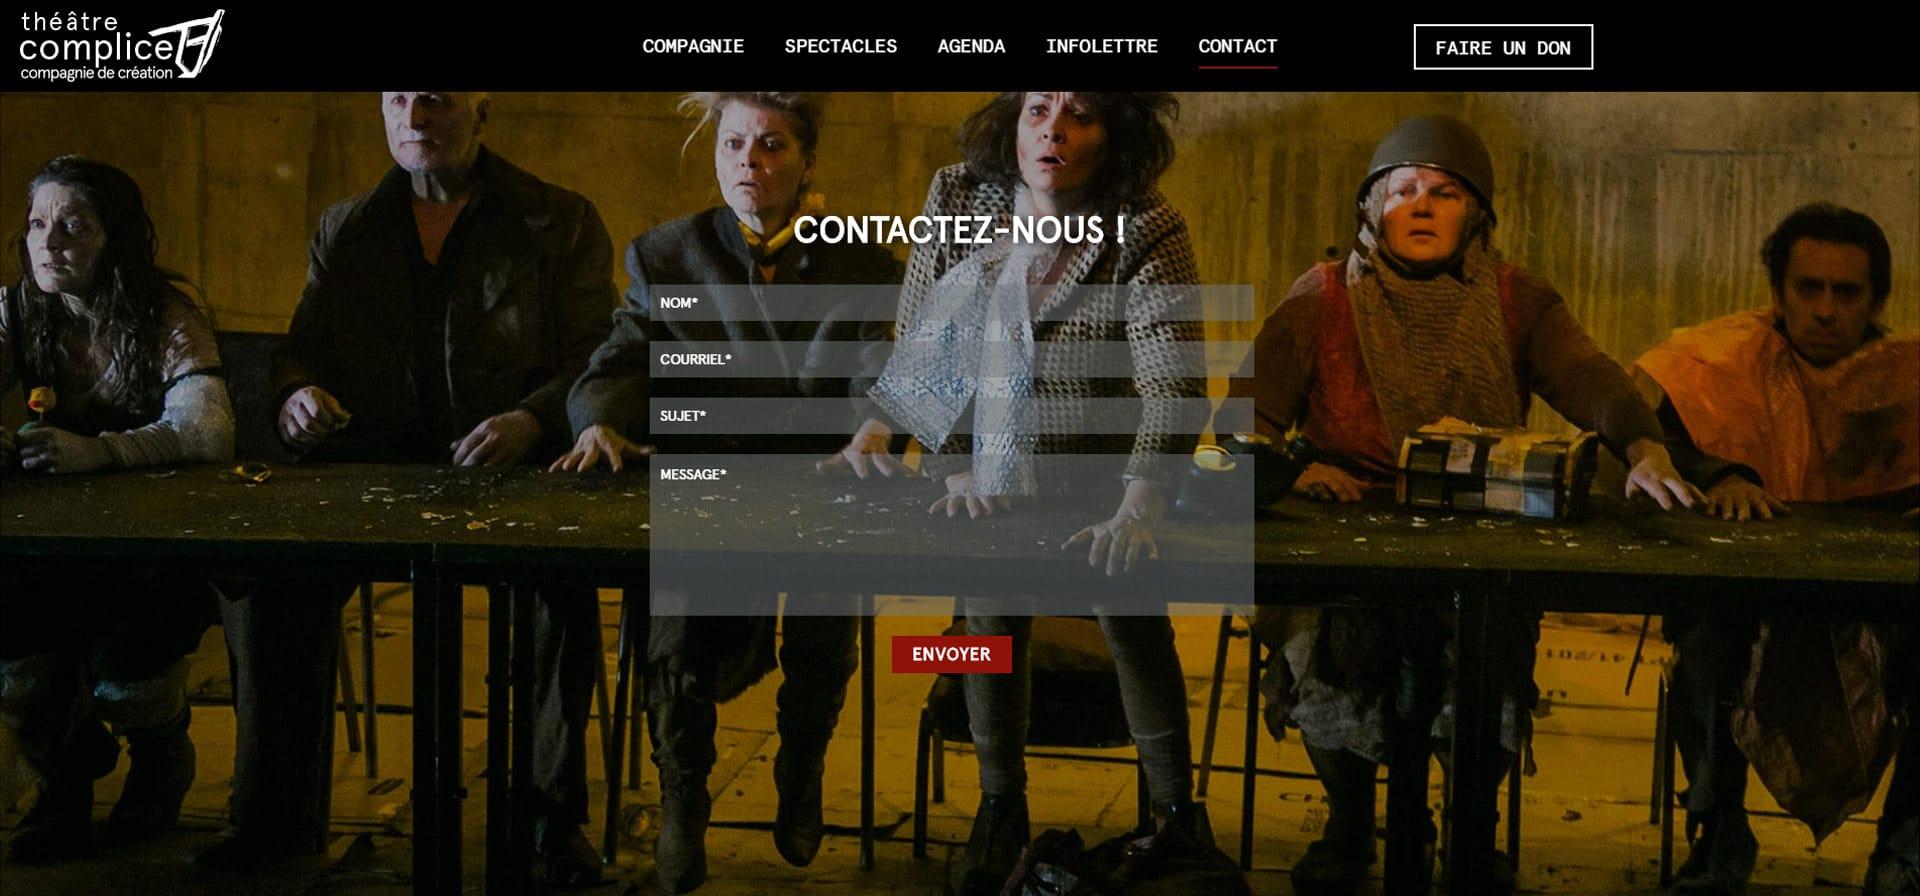 theatre-complice-6